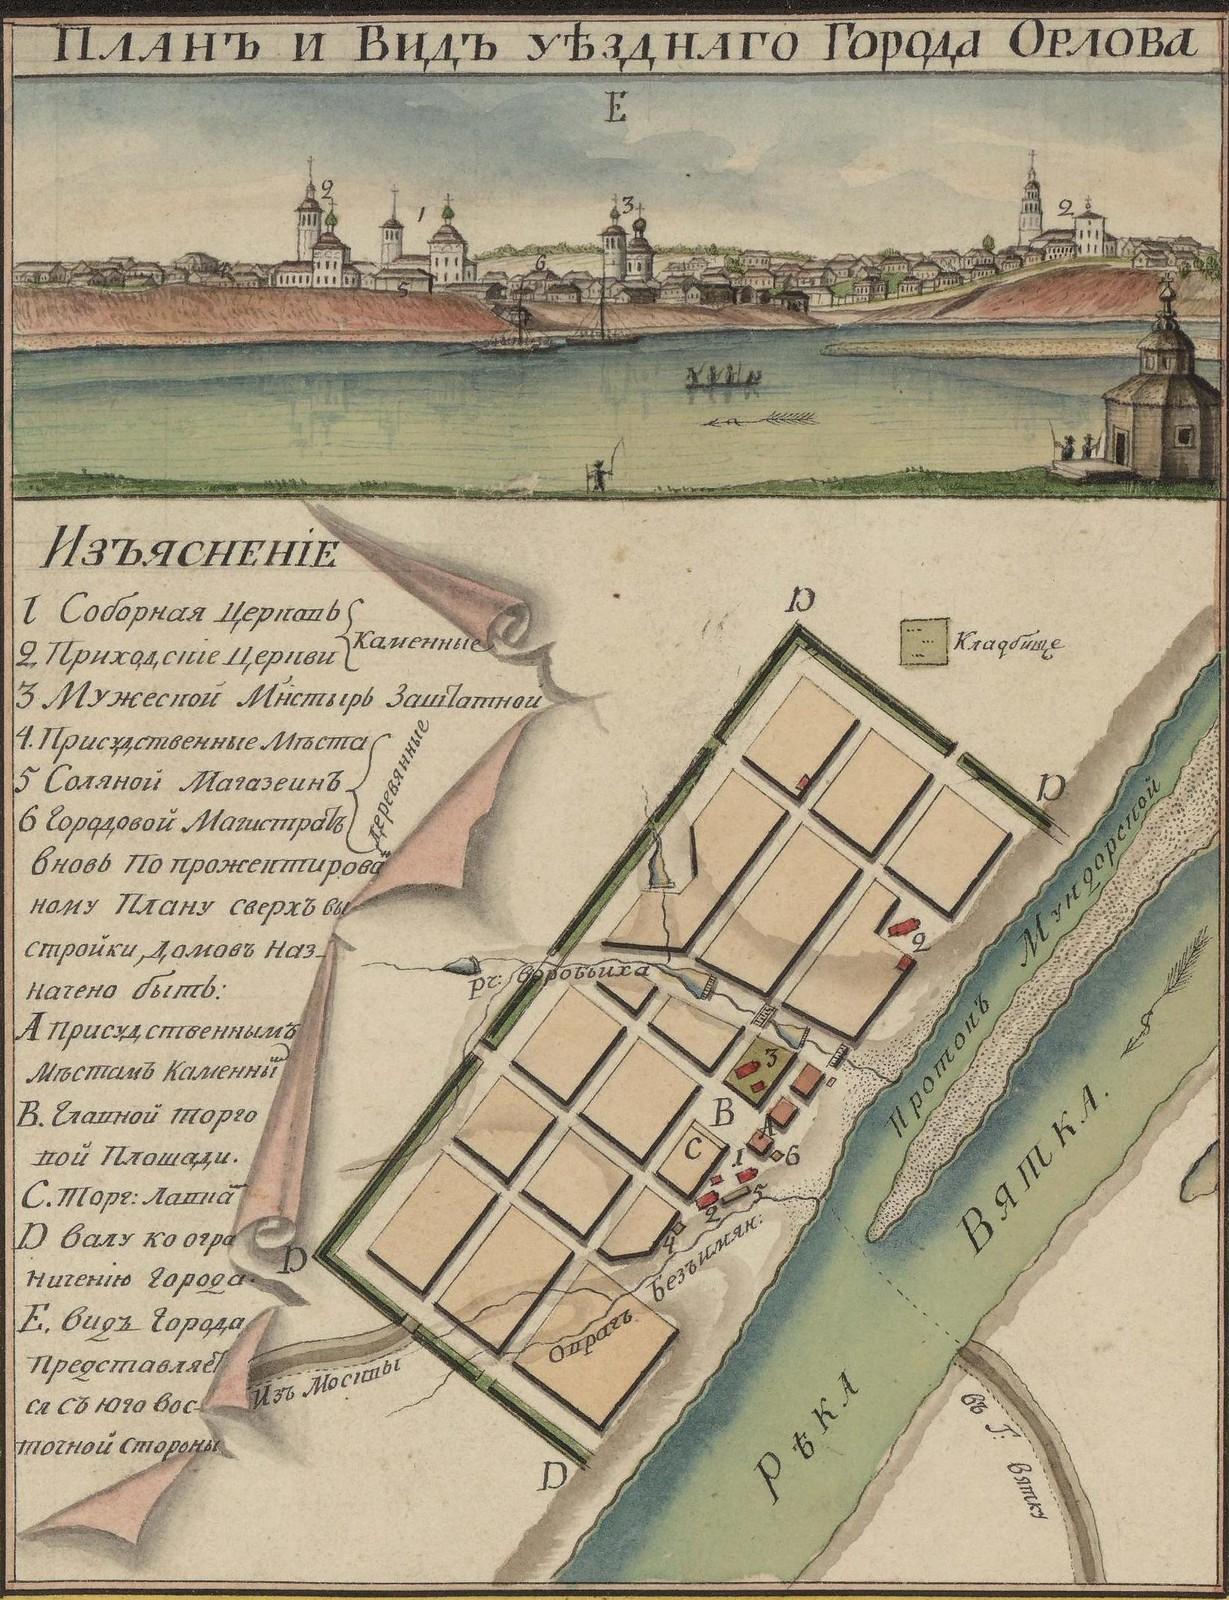 Генеральная карта Вятской губернии с планами и видами городов. 1806 - Copy (9)